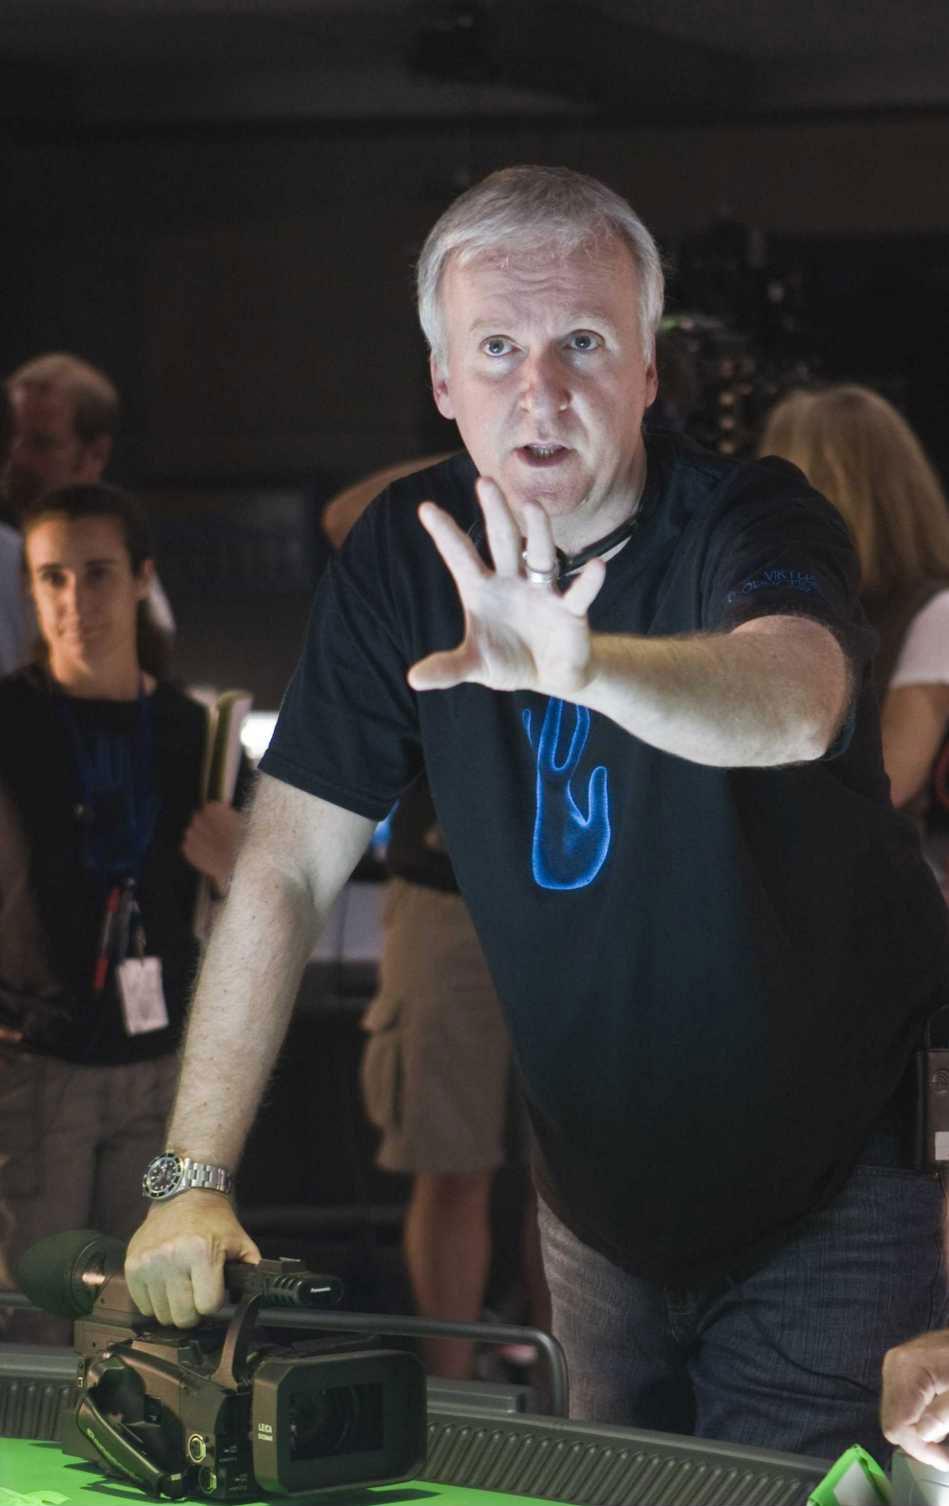 詹姆斯·卡梅隆在《阿凡达》拍摄现场